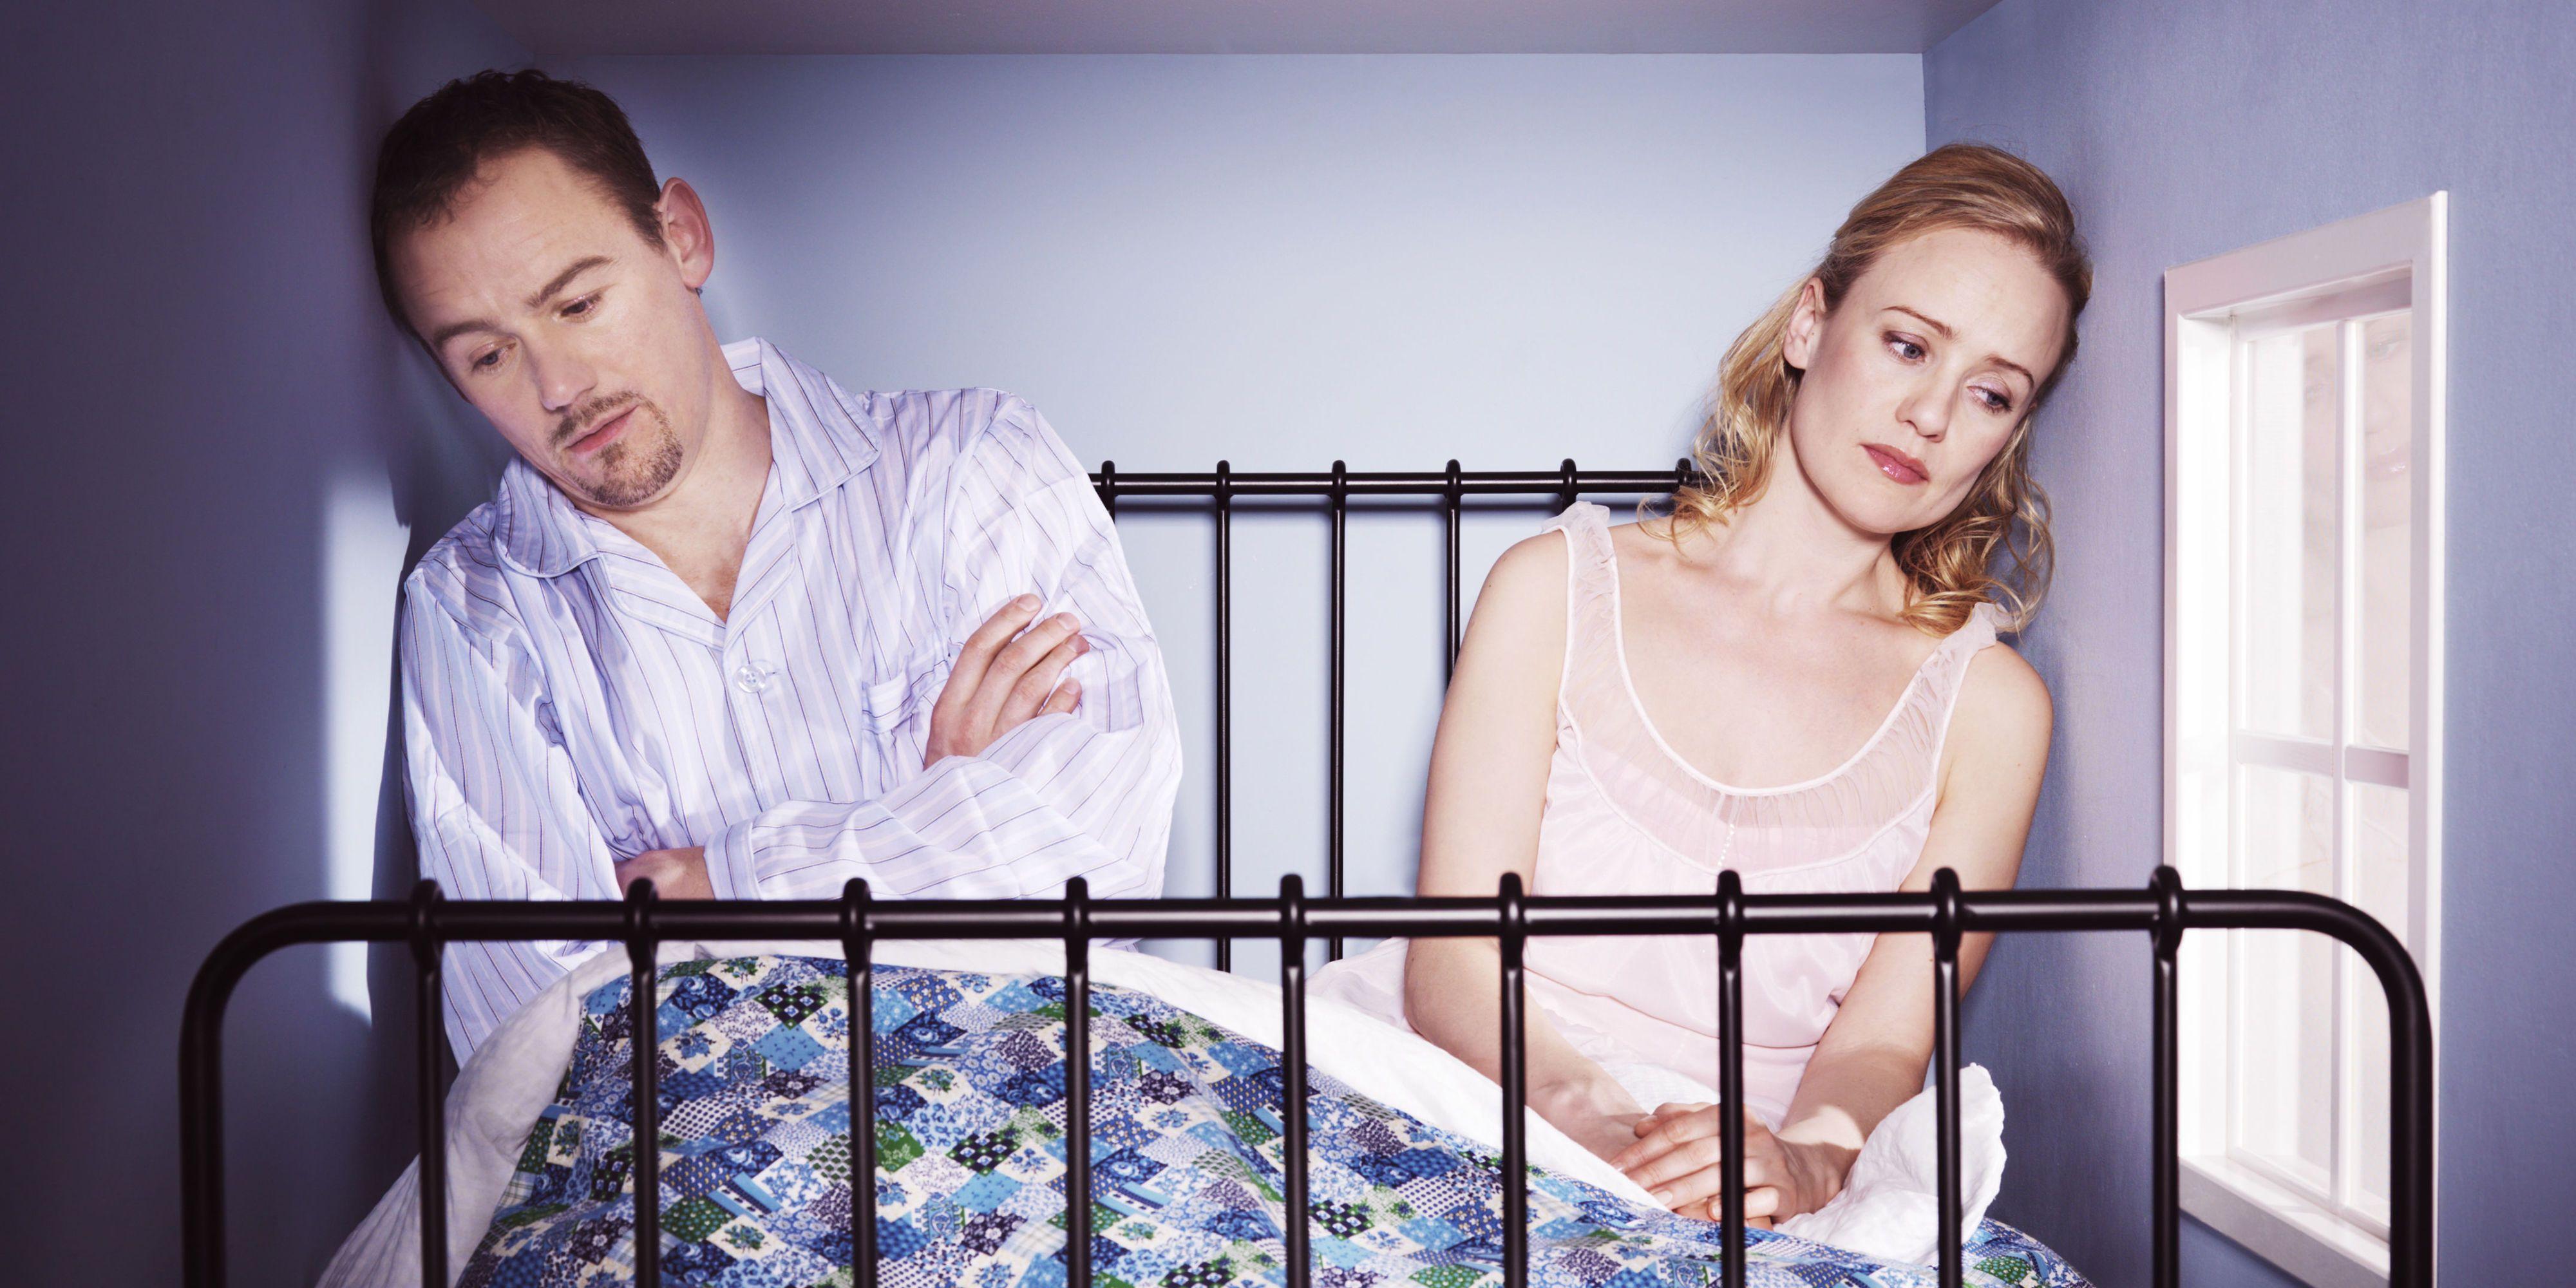 5 relationship mistakes smart women avoid